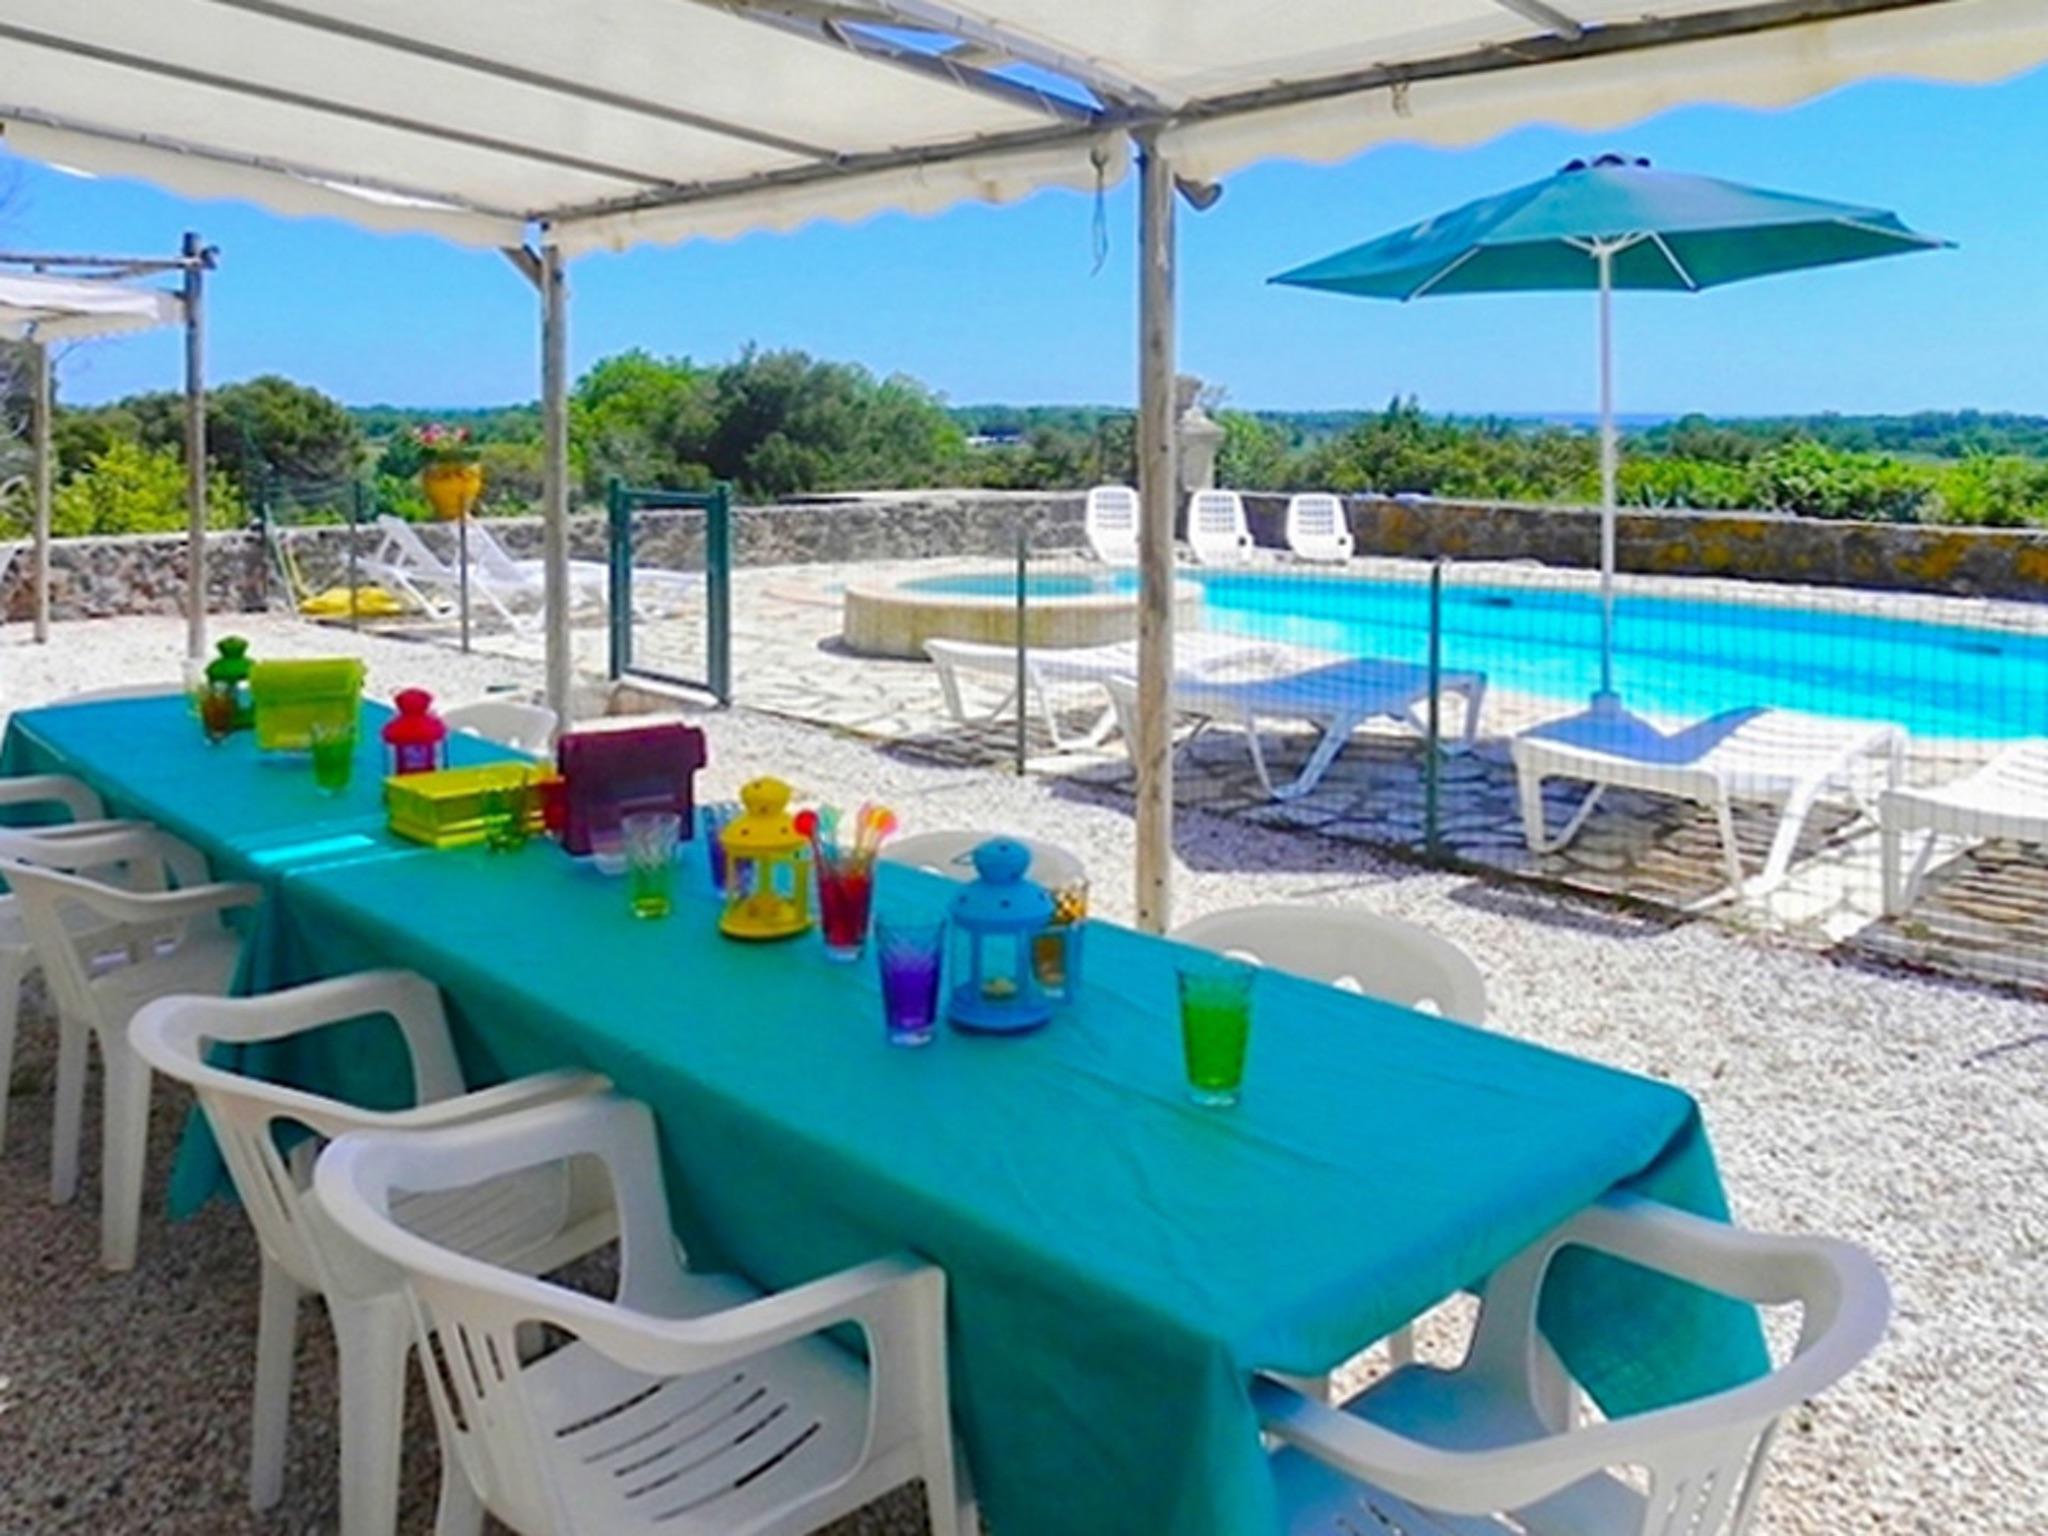 Ferienhaus Charaktervolles Haus in Hérault mit Pool und Garten (2201003), Portiragnes, Mittelmeerküste Hérault, Languedoc-Roussillon, Frankreich, Bild 5